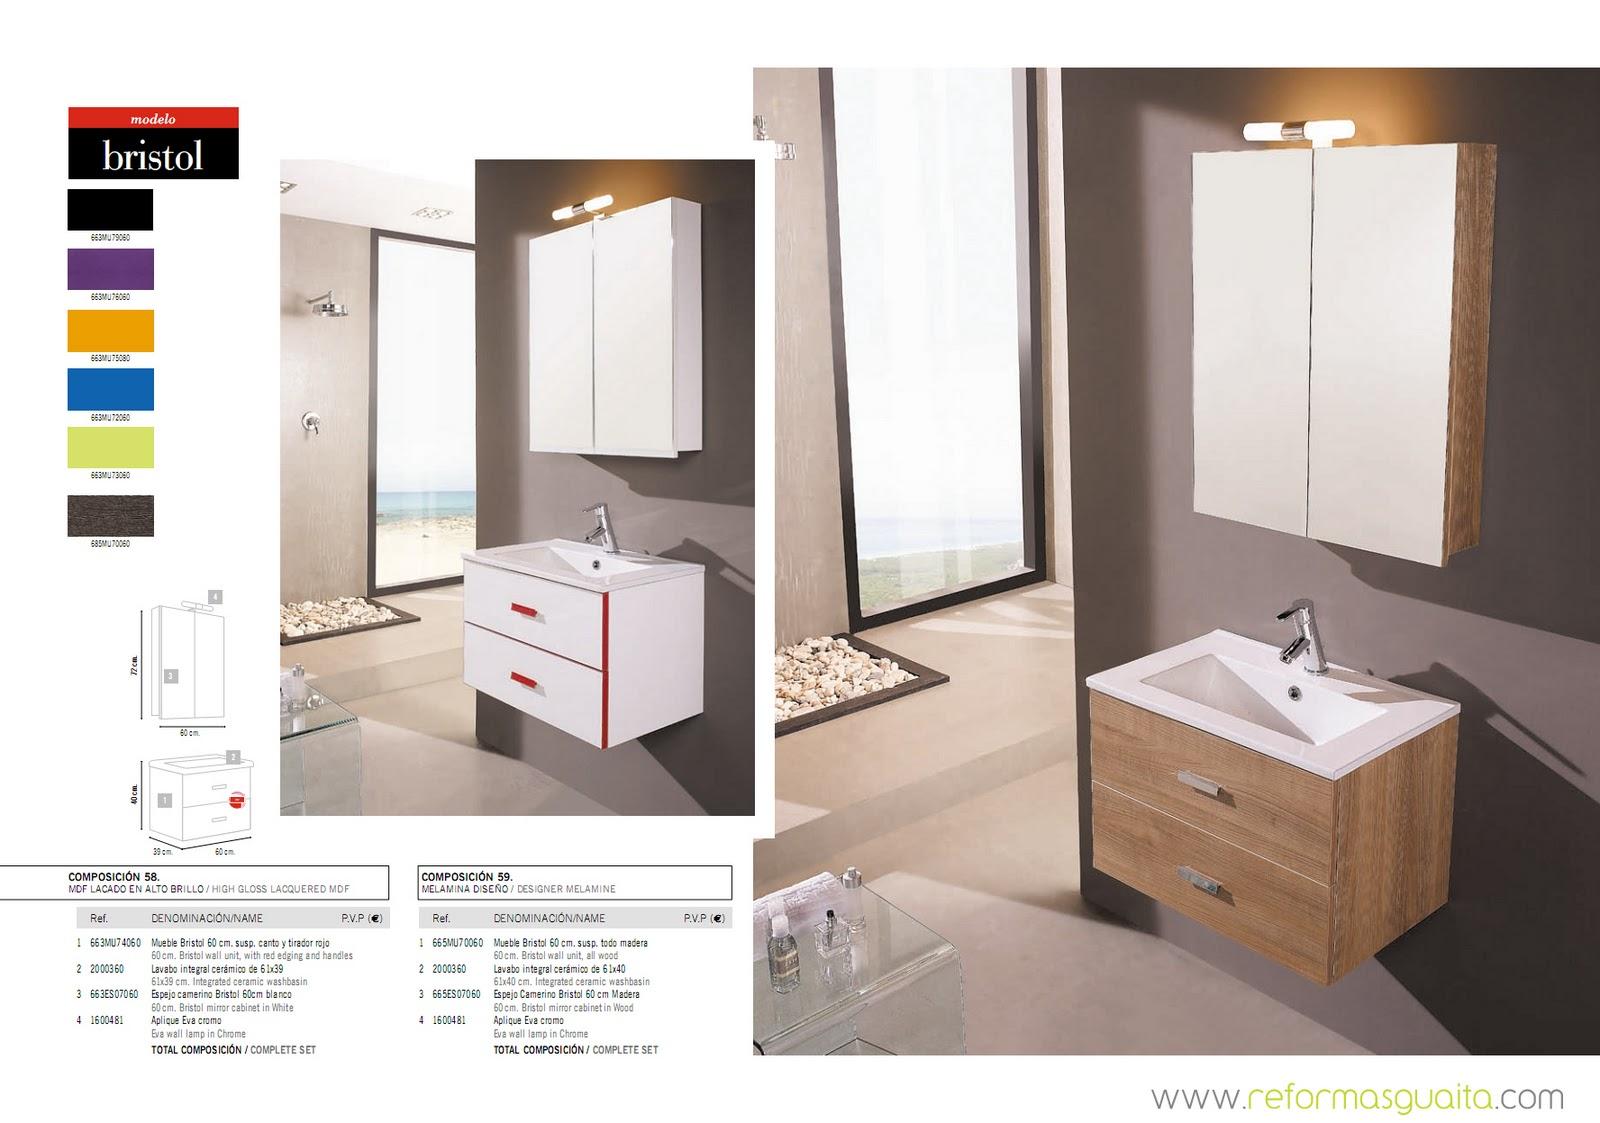 Bristol muebles de fondo reducido a 40 cms reformas guaita for Mueble lavabo fondo reducido